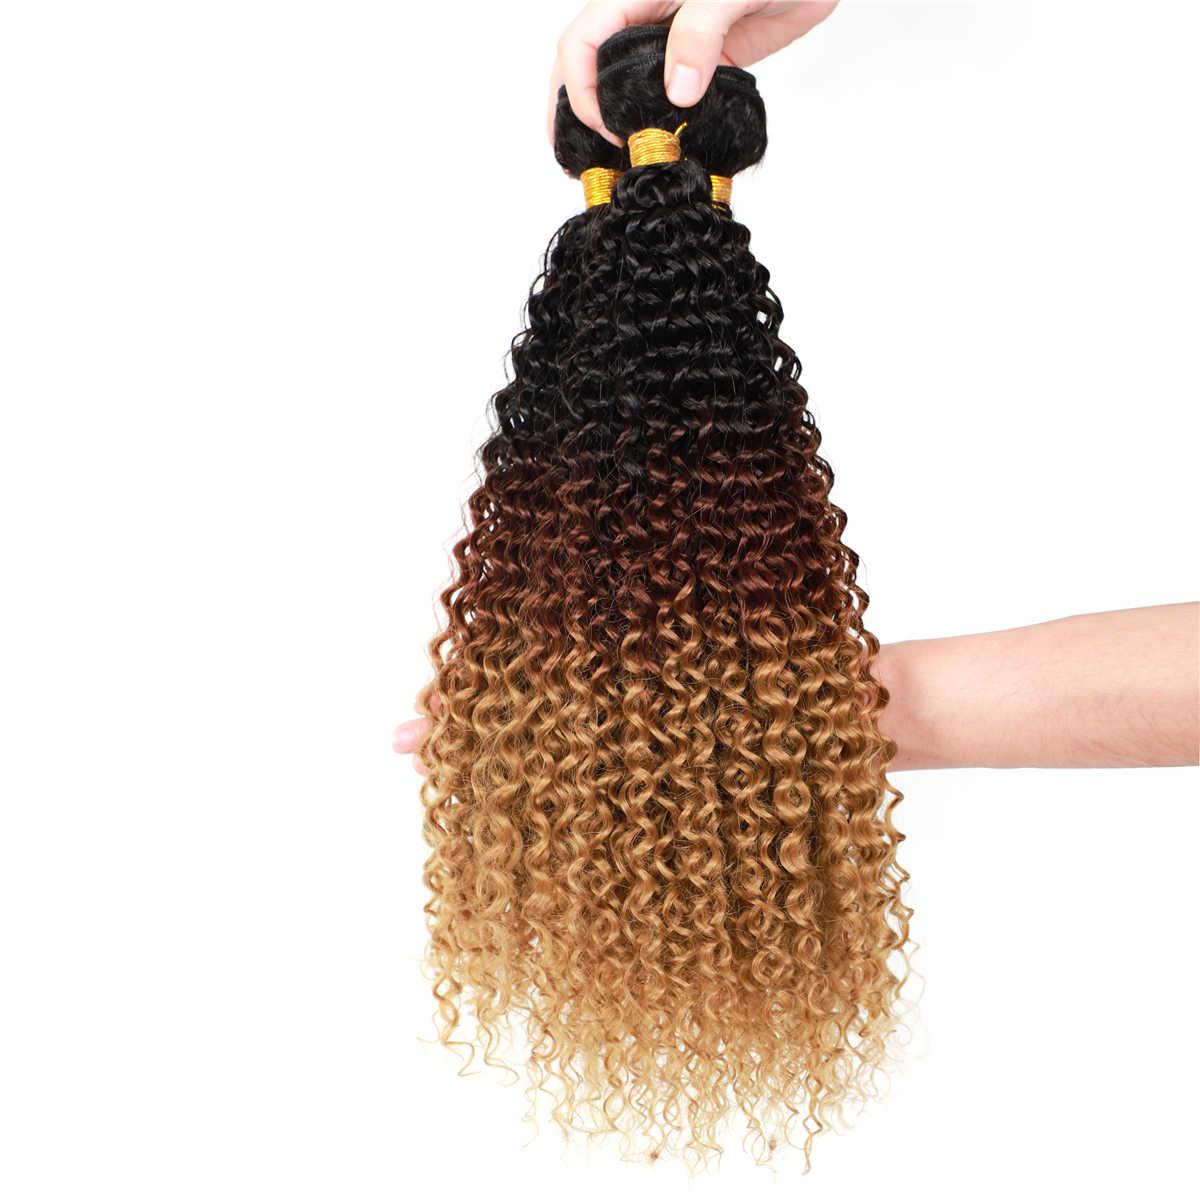 Afro pasma kręconych włosów dla afrykańskich kobiet syntetyczny włosy z włókna wysokowytrzymałego tkania trzy Tone kolor Ombre T1B/4/27 100g